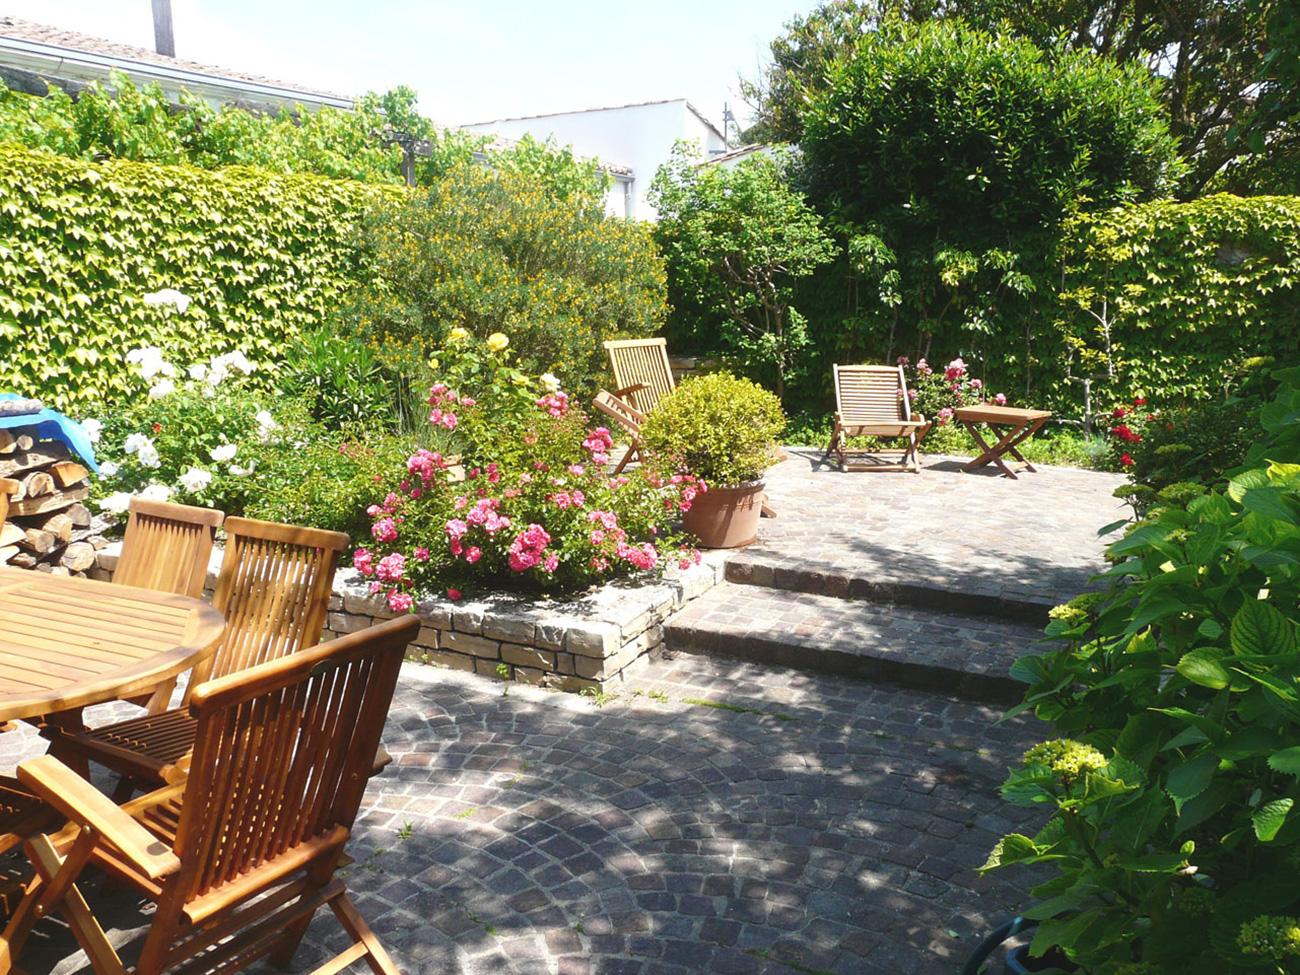 Location Maison Ile de Ré - Fleur-de-sel - Terrasse 2